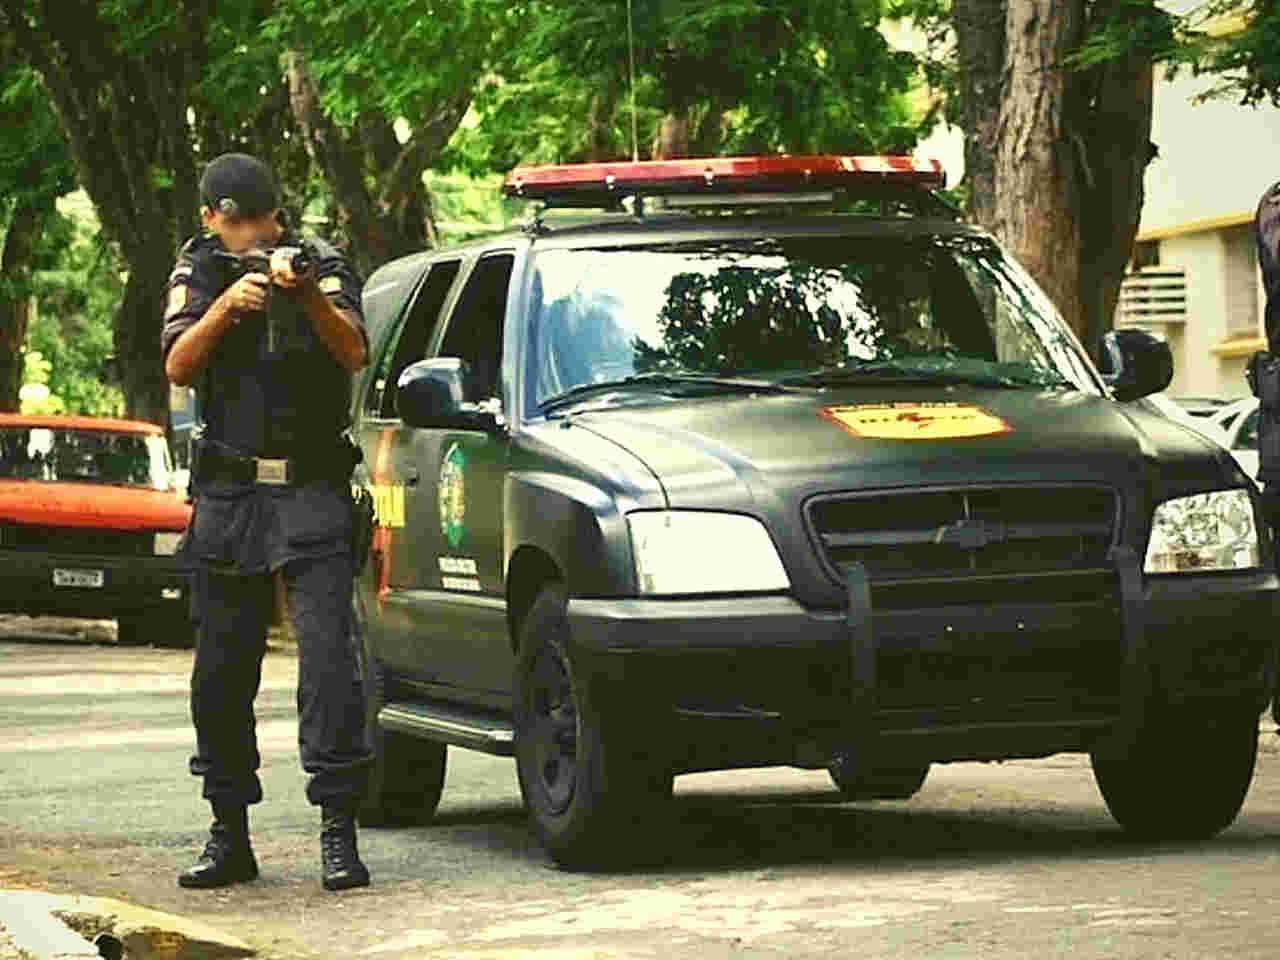 Região Noroeste de Aparecida de Goiânia é campeã em roubos de carros | Foto: Reprodução